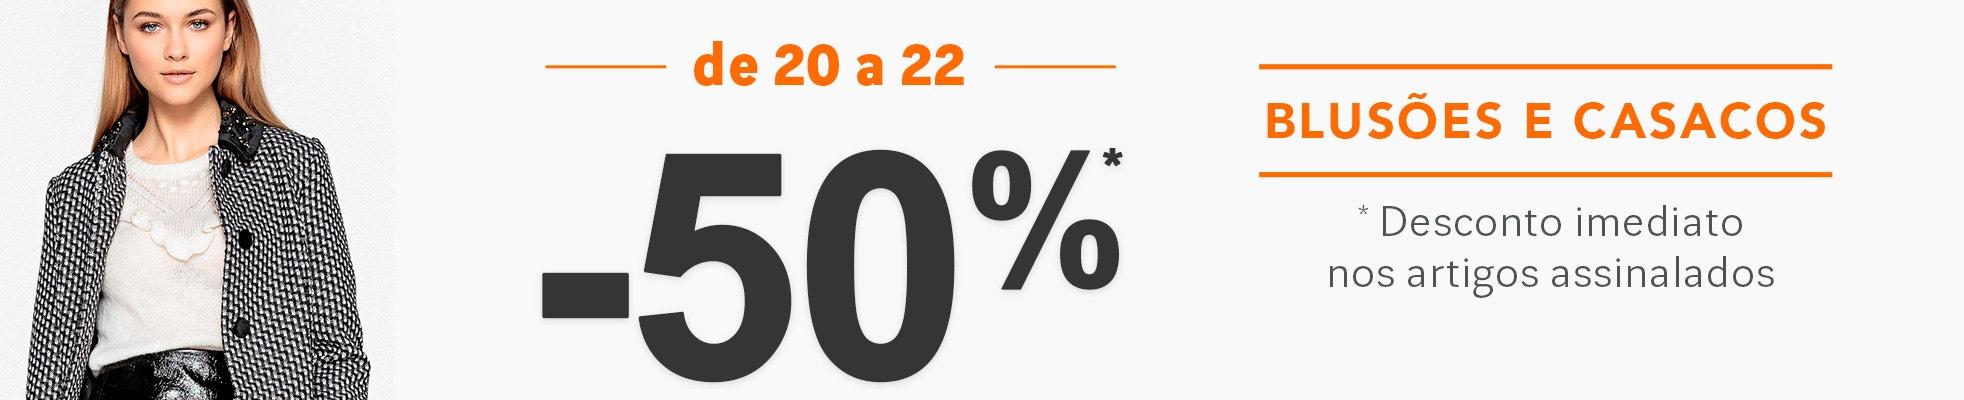 Descontos de -50% numa seleção